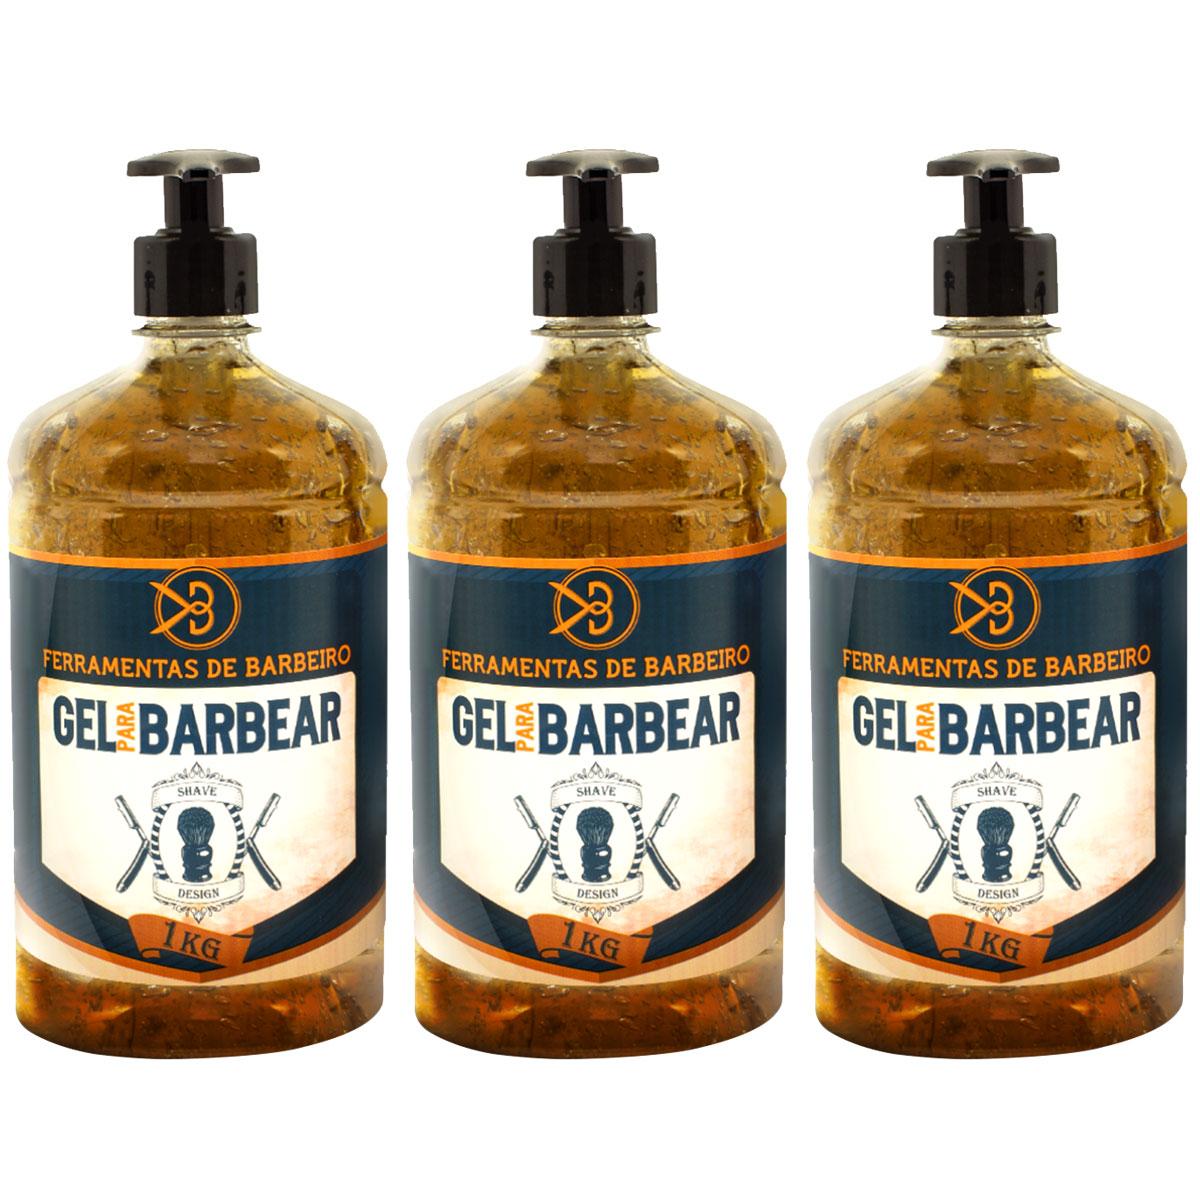 Kit 3kg de Gel de Barbear Profissional Gel Shaving Design Ferramentas De Barbeiro 1kg